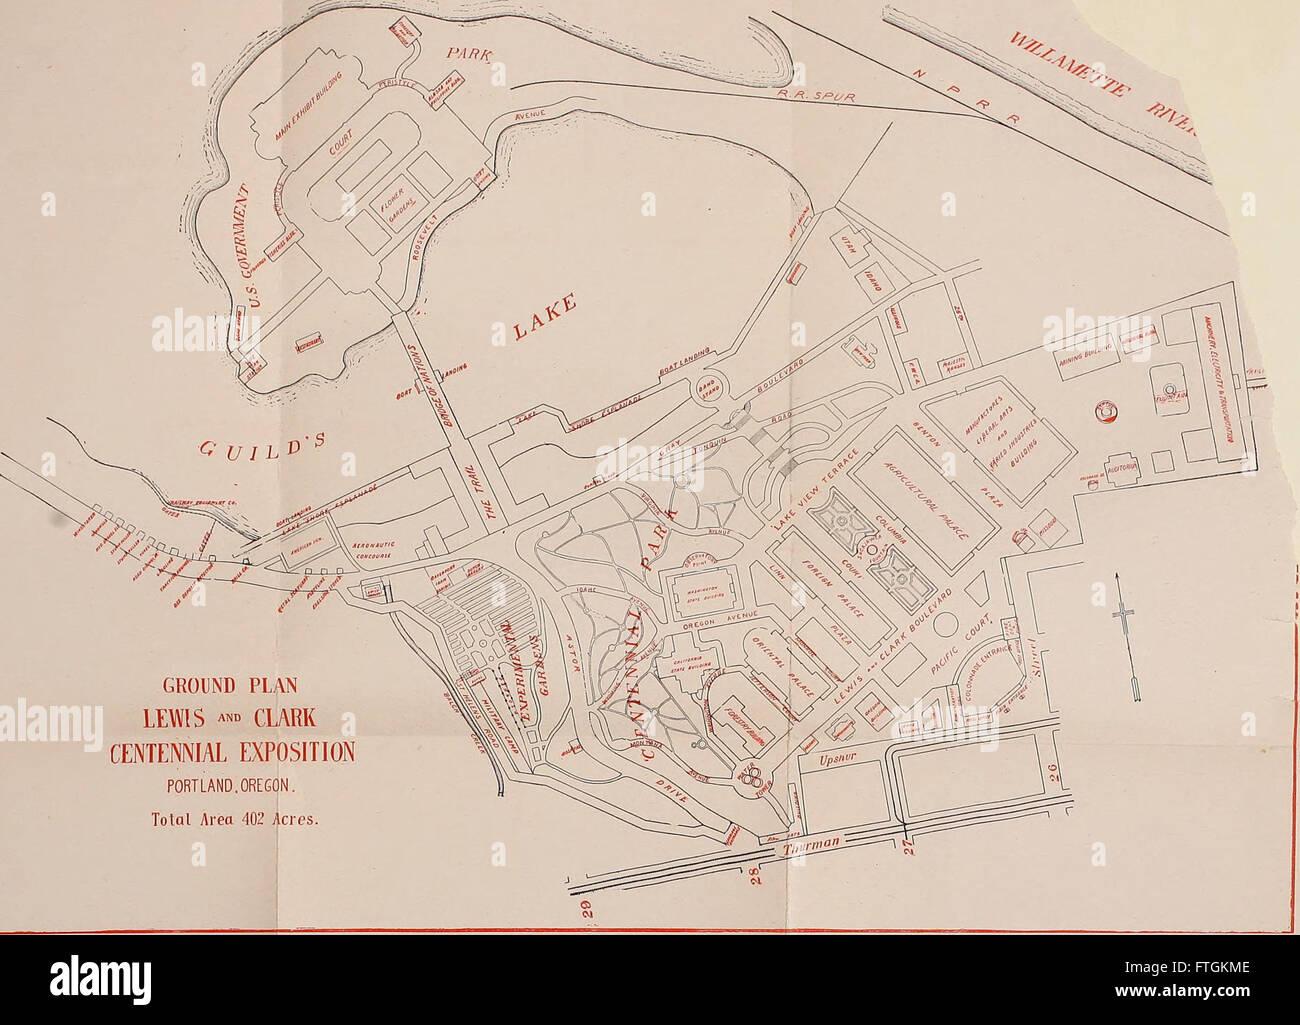 Guía oficial de la exposición del centenario de Lewis y de Clark, Portland, Oregón, 1 de Junio a Octubre 15, 1905 (1905). Foto de stock